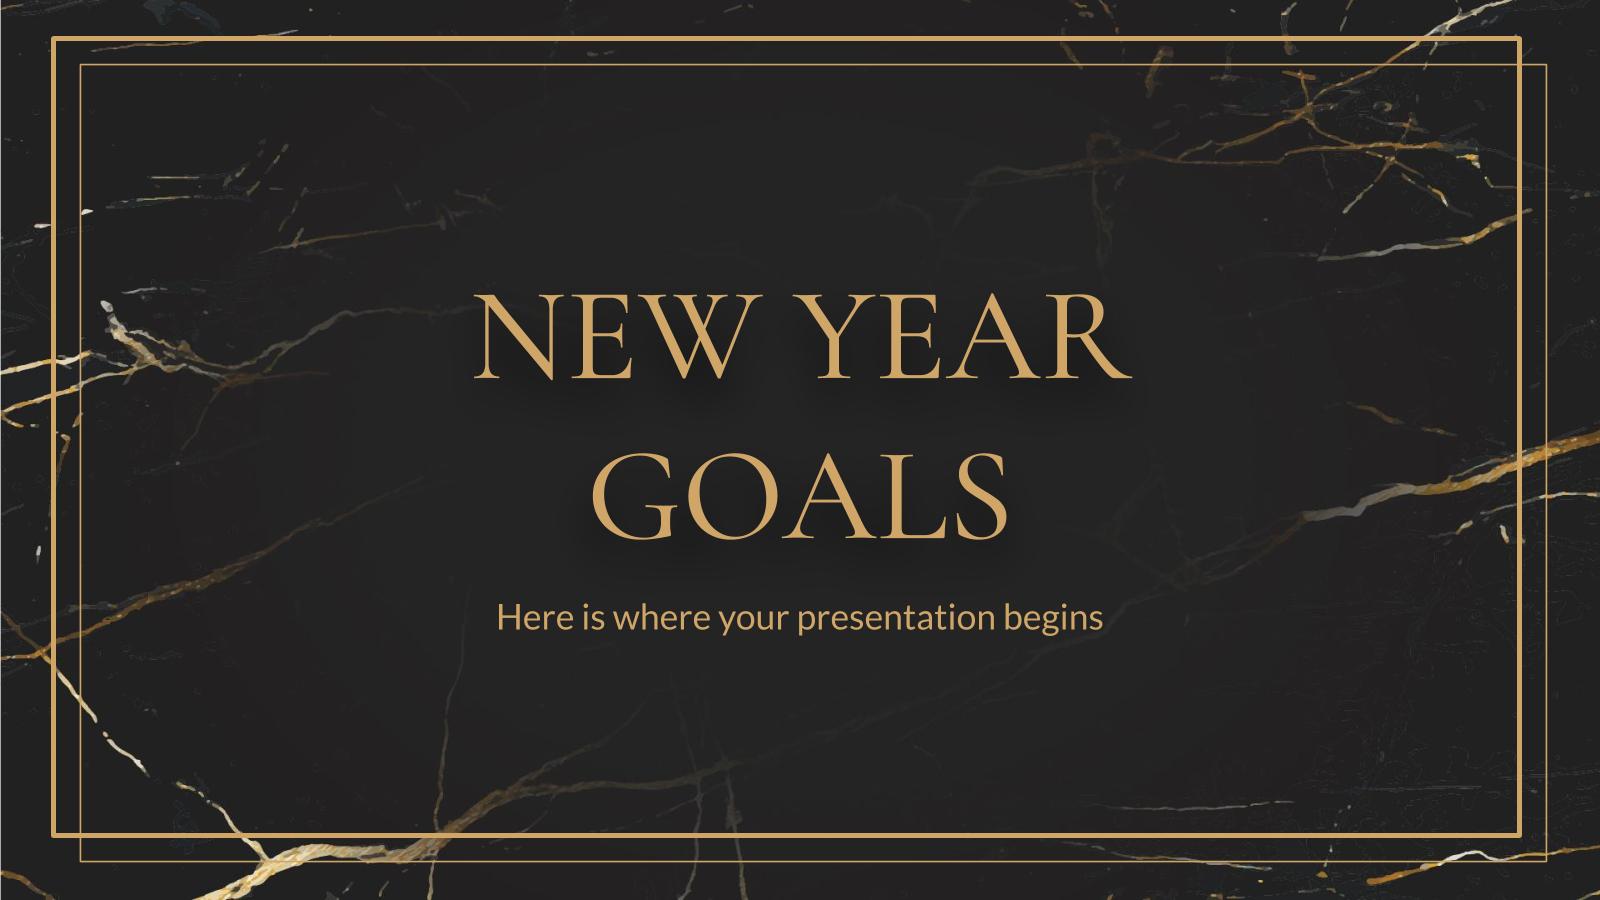 Objectifs pour la nouvelle année : Modèles de présentation